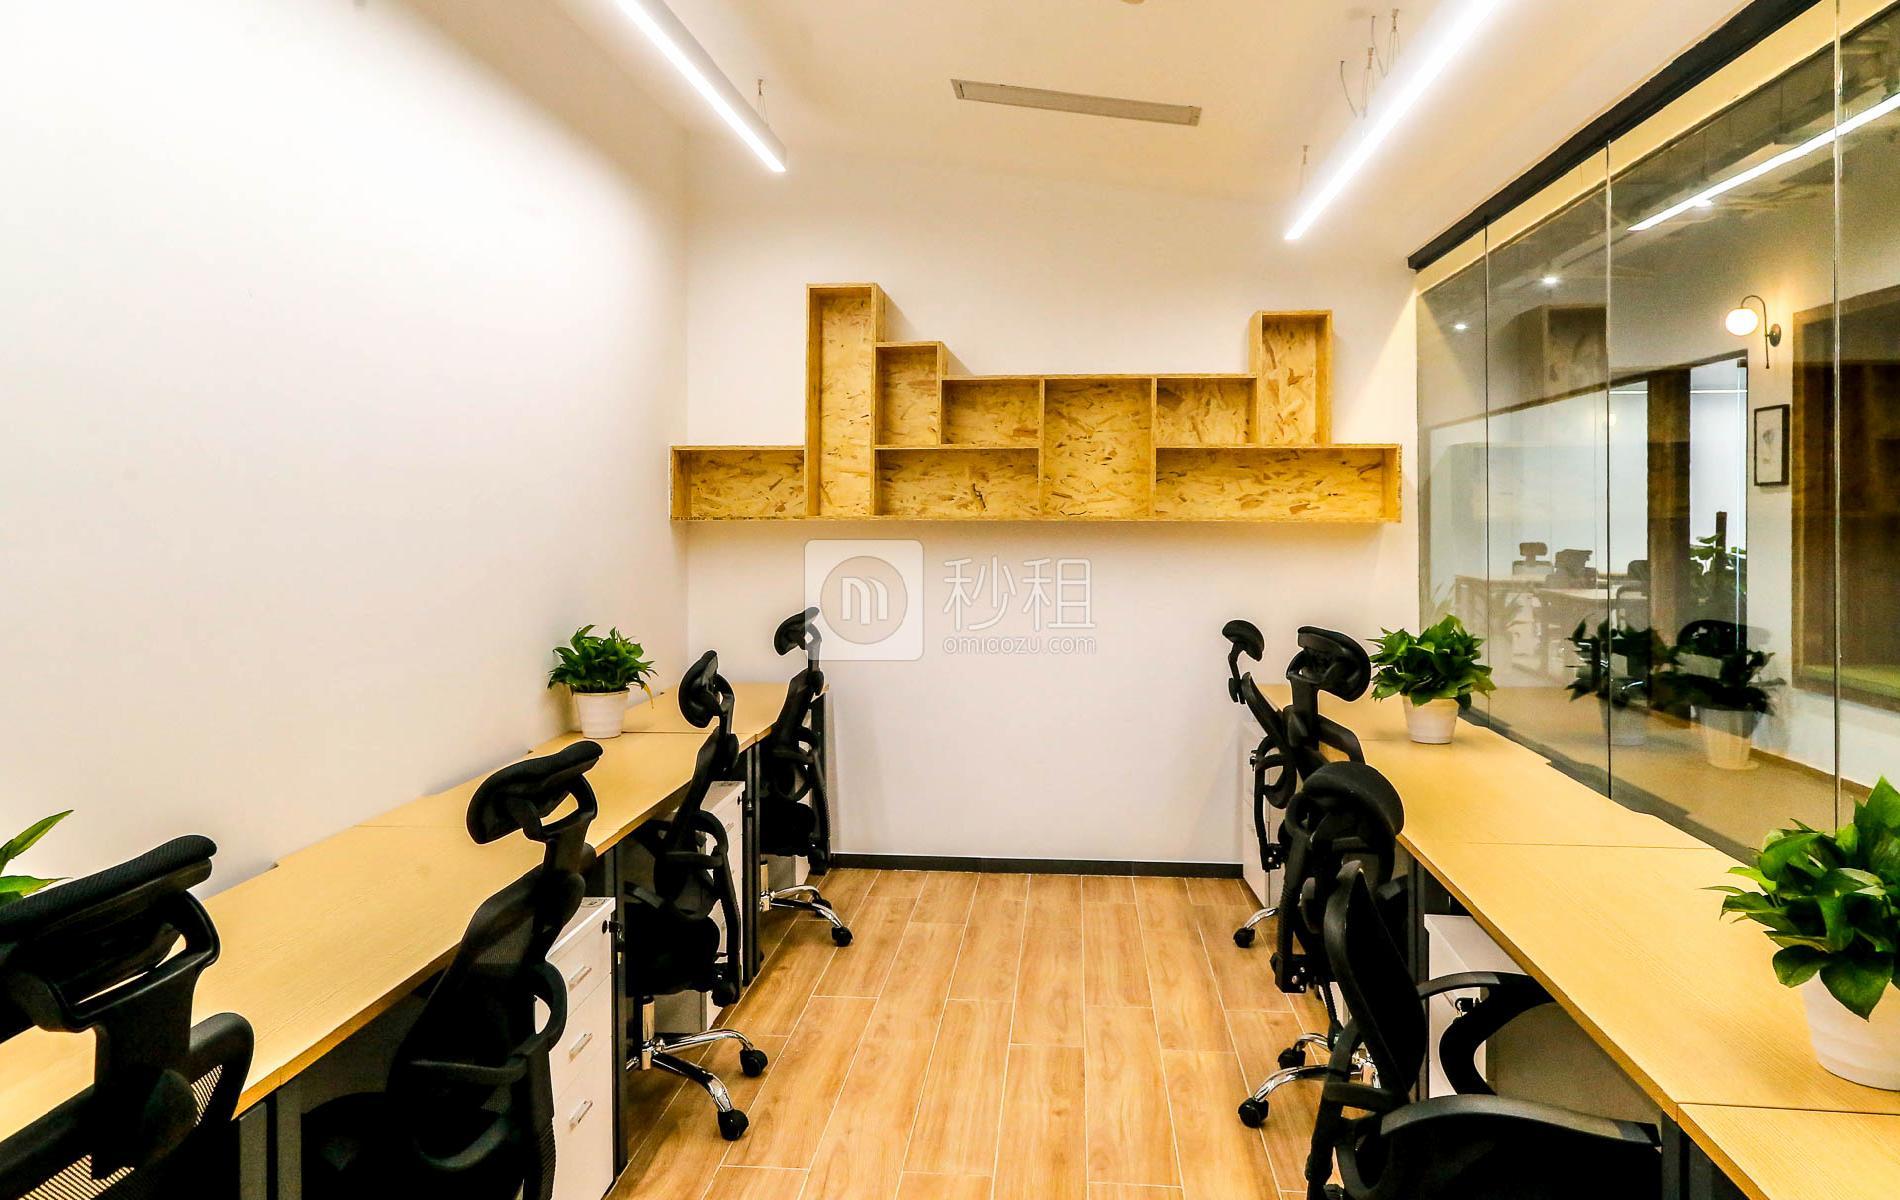 飞扬科技园-飞扬联合办公空间写字楼出租62.5平米精装办公室24640元/间.月